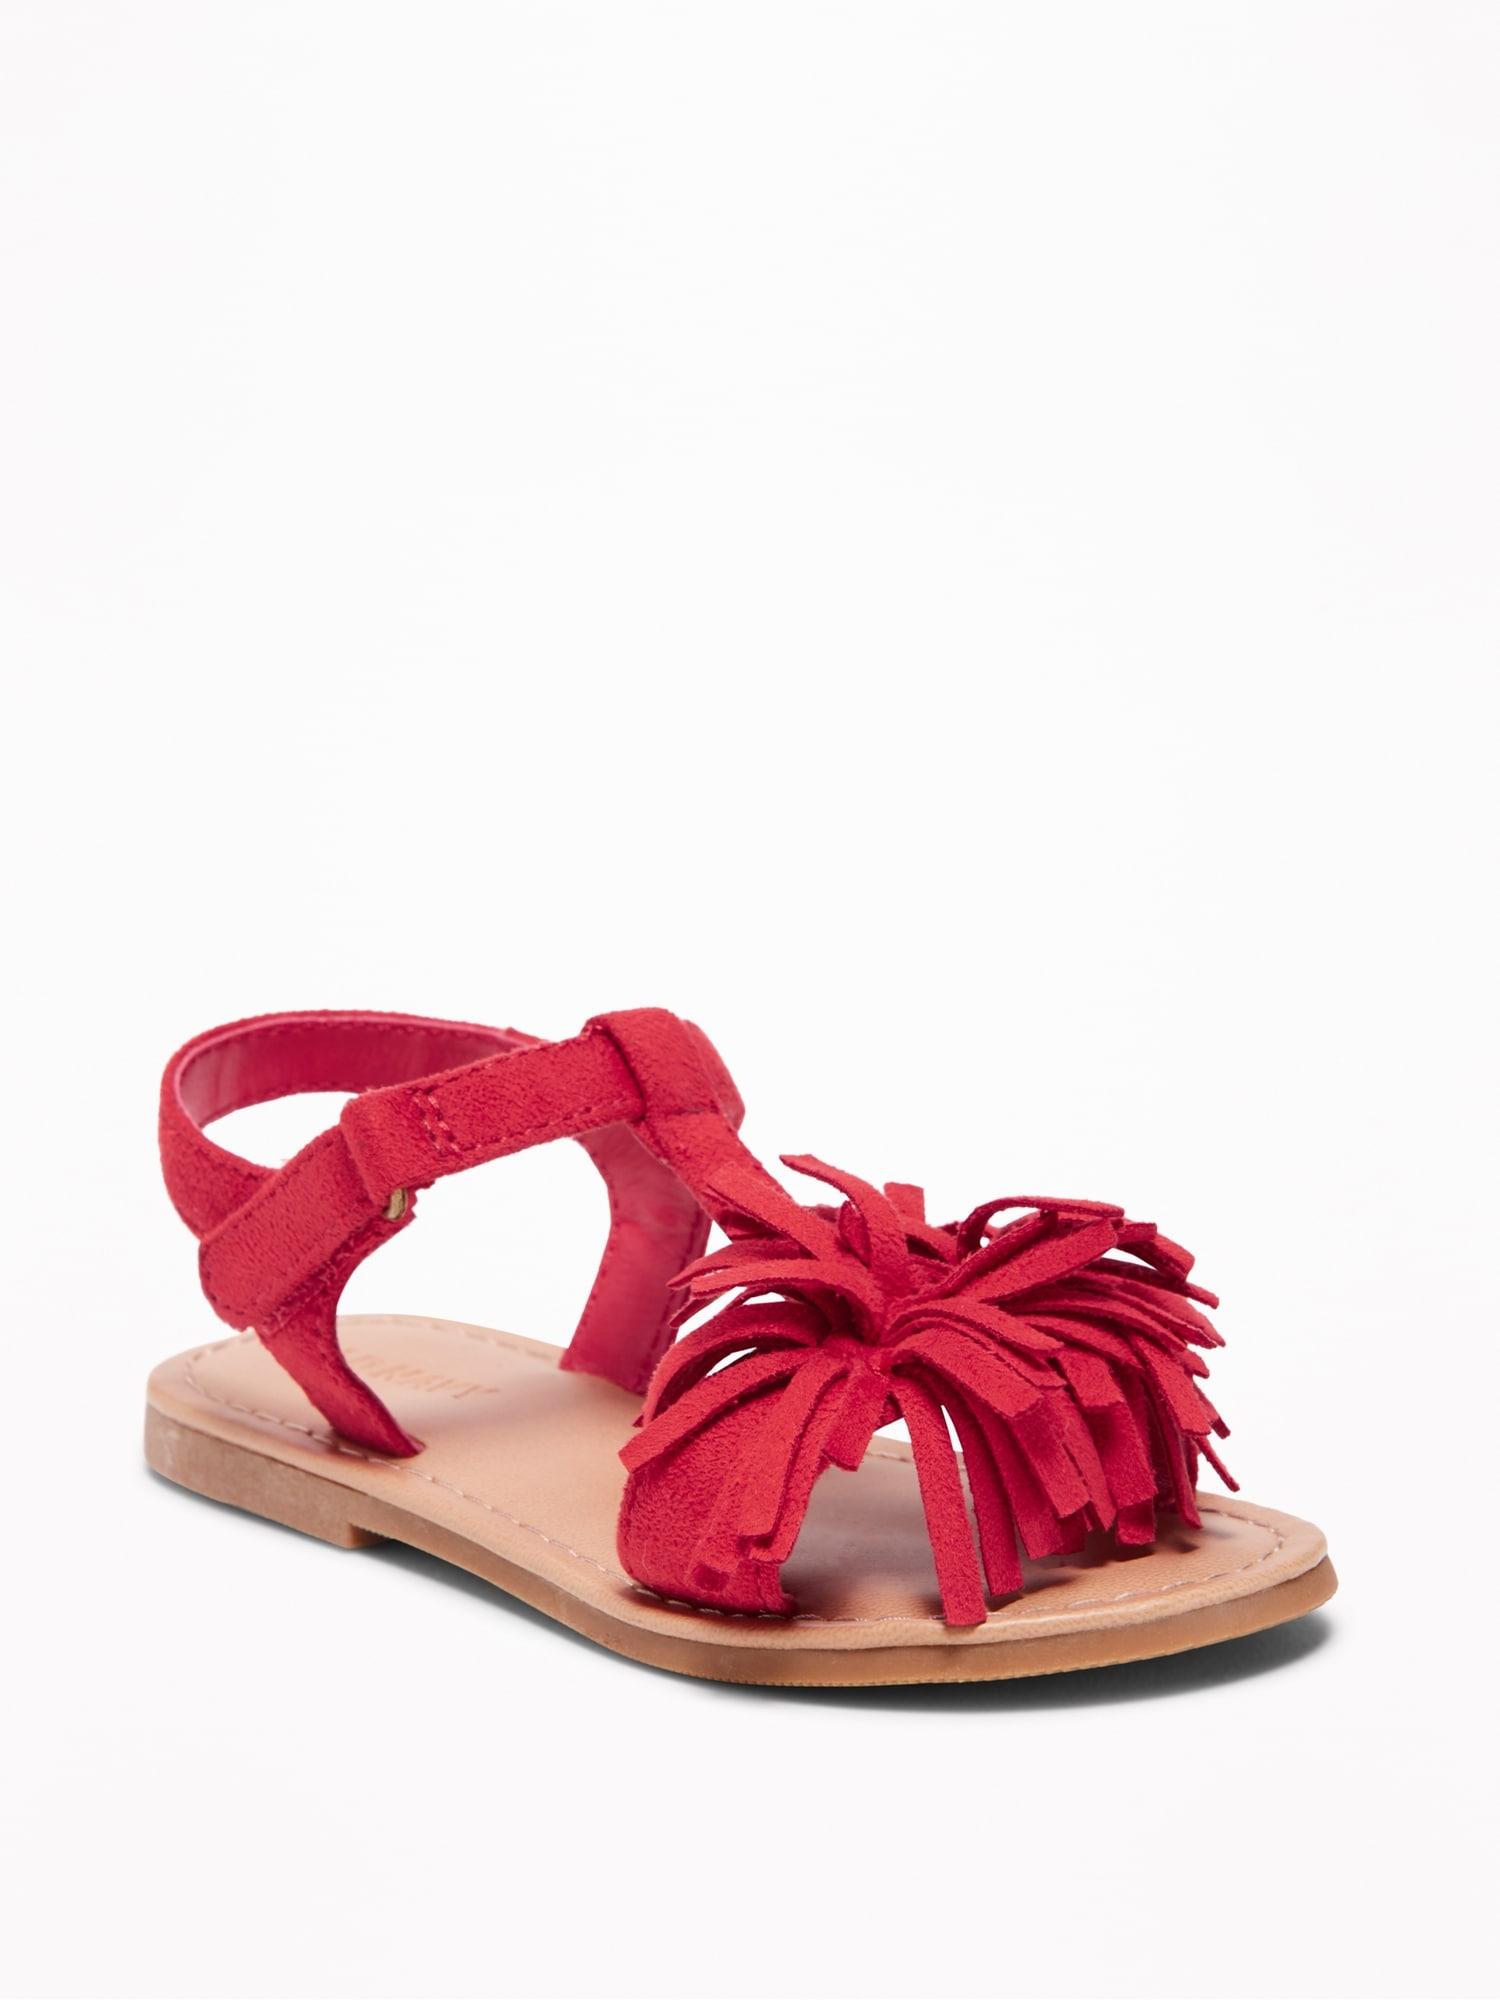 Sueded Pom Sandals For Toddler Girls Old Navy High Heel Slides With Pompoms